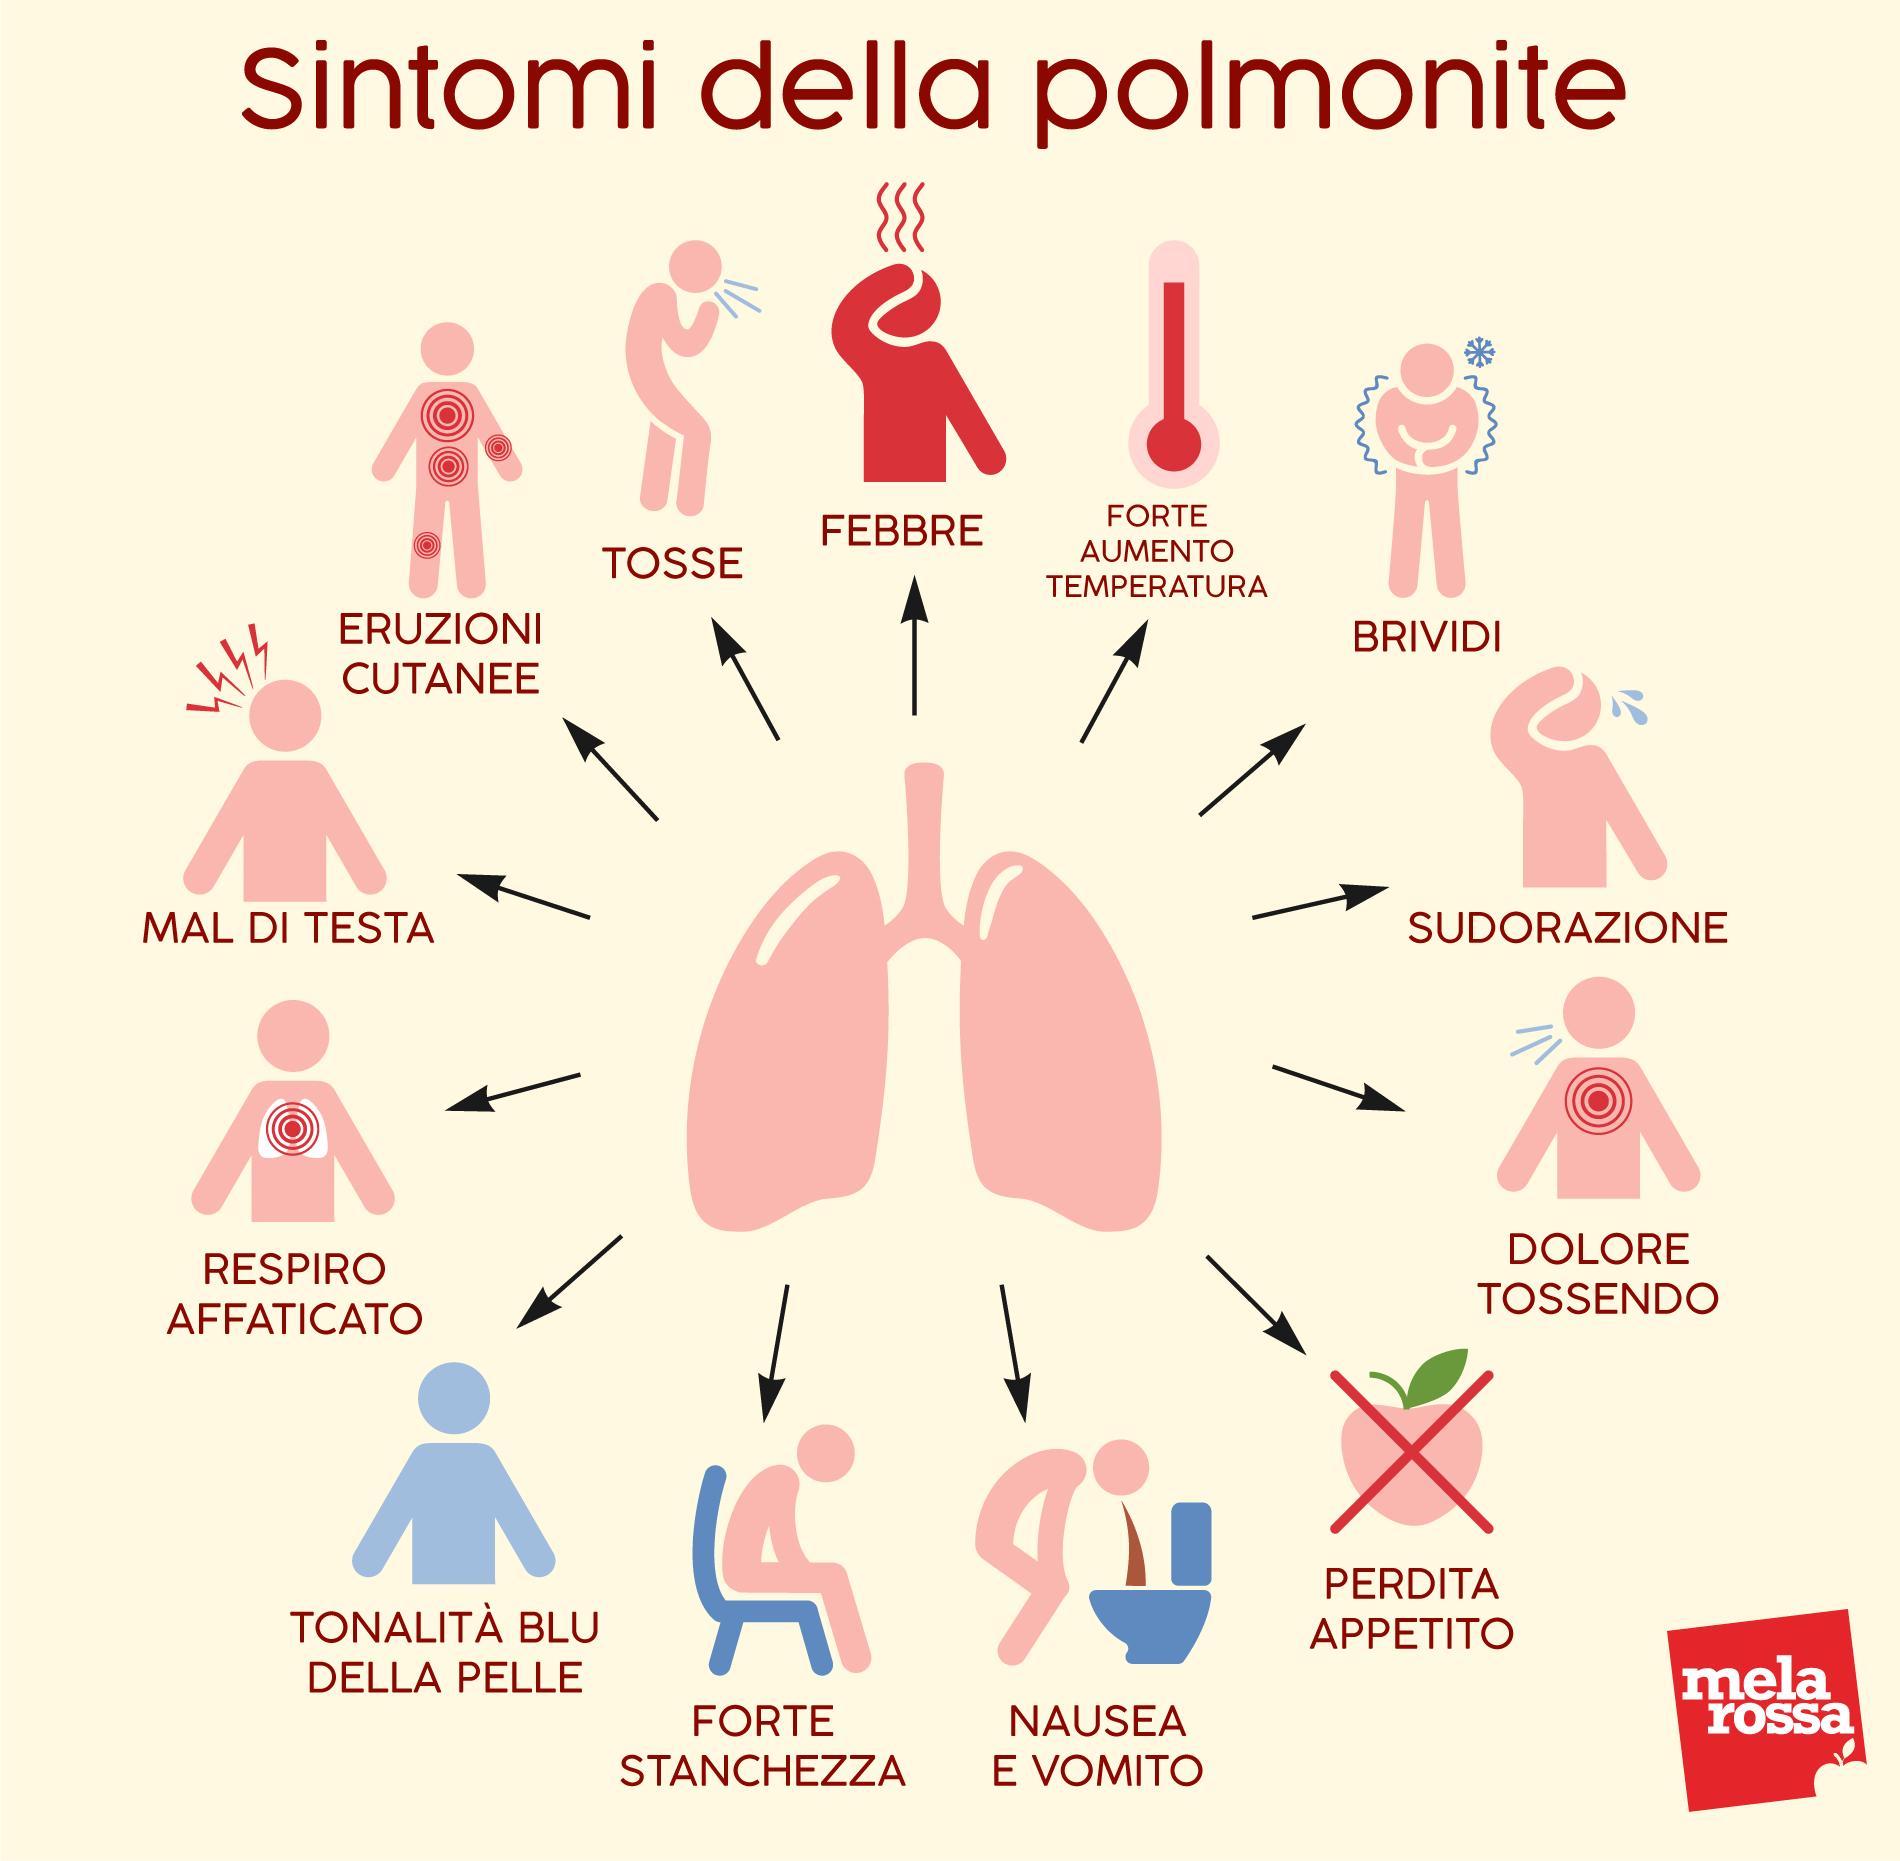 malattie respiratorie: sintomi della polmonite